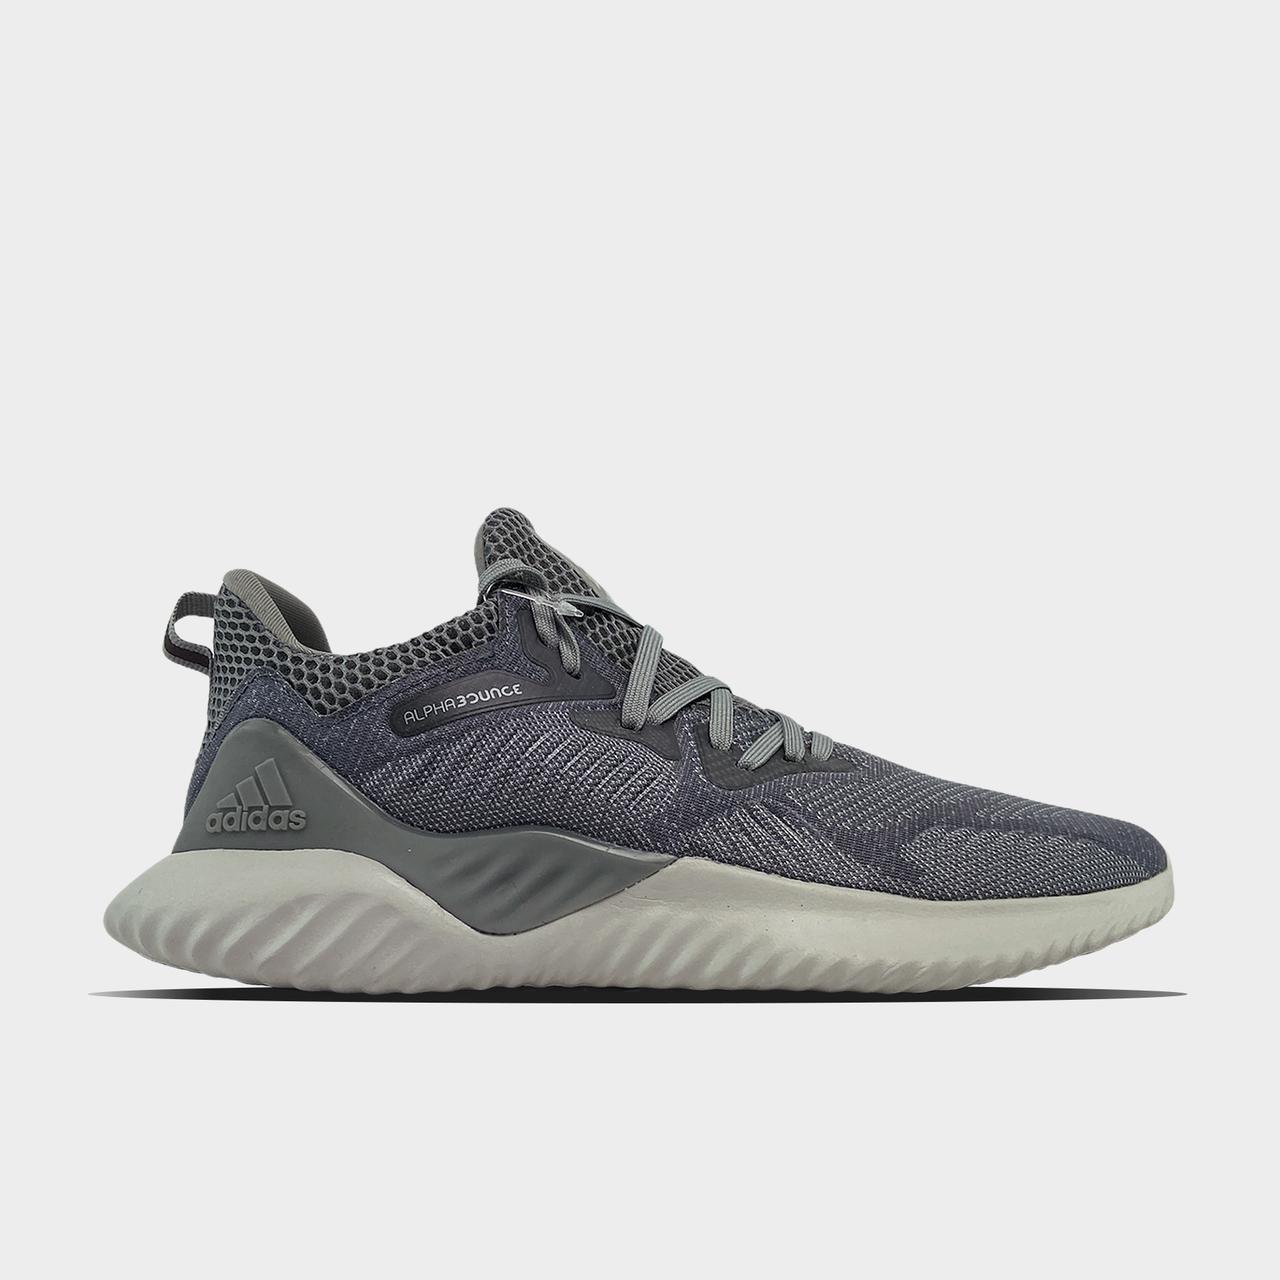 Кроссовки мужские Adidas Alpha Bounce Gray (Серый). Мужские кроссовки Адидас серого цвета.